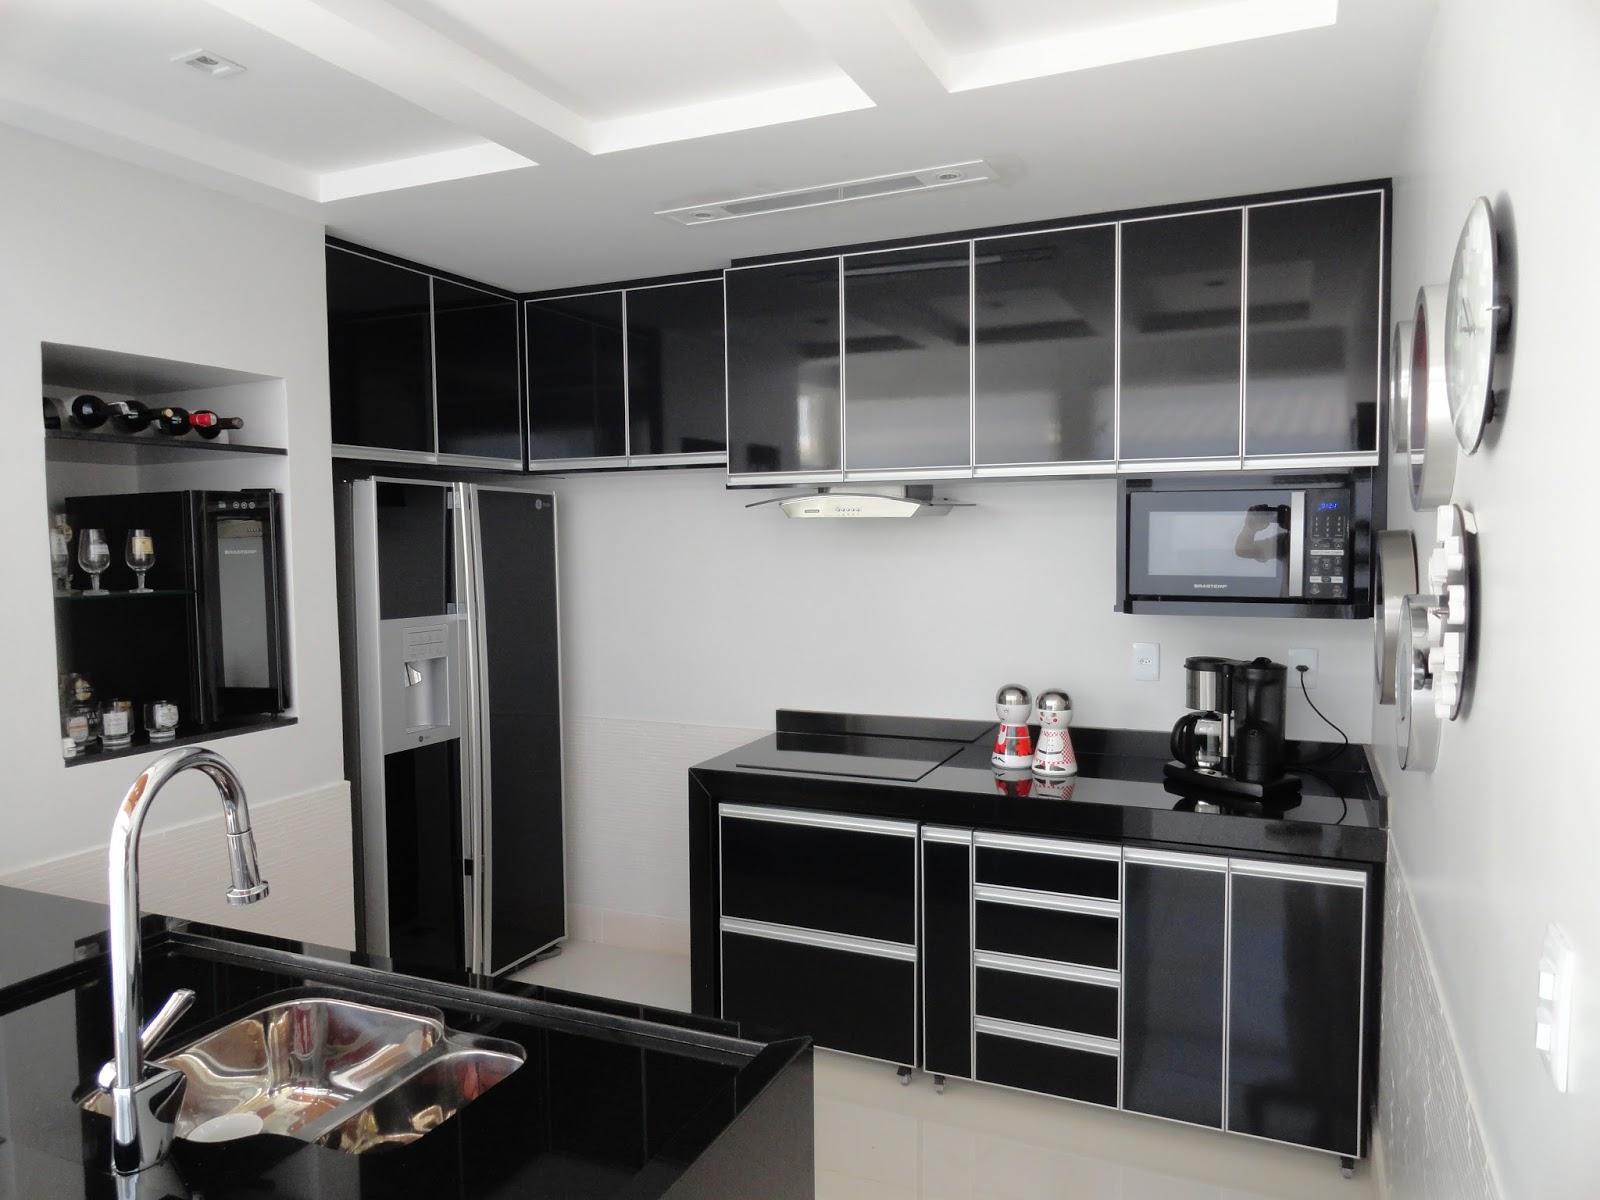 Móveis e Esquadrias: Cozinhas em MDF revestidas em laminado Fórmica #604946 1600 1200